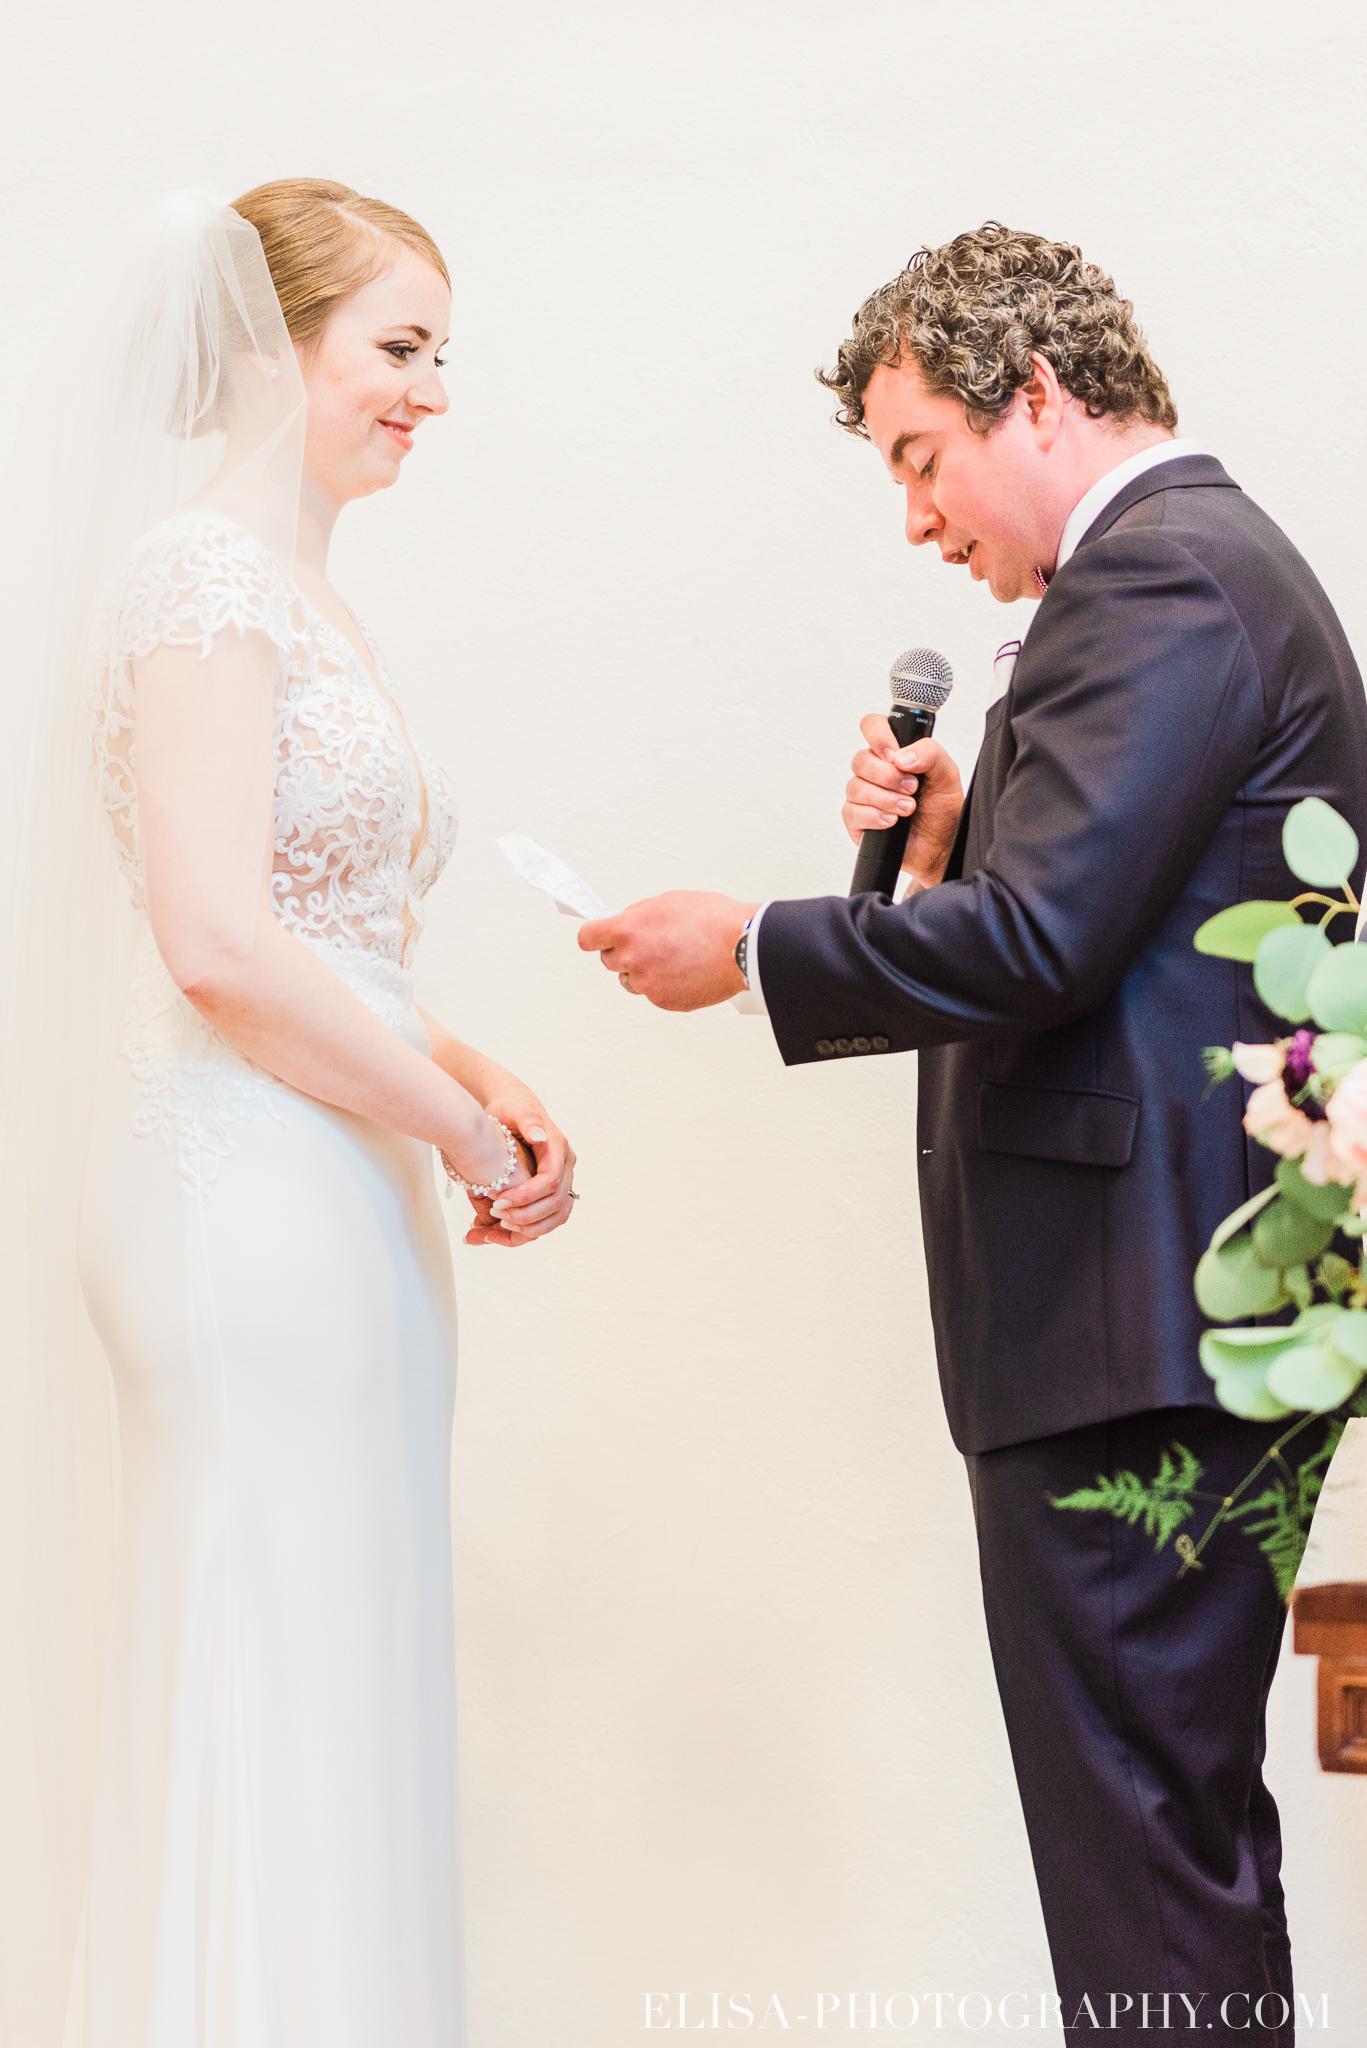 photo mariage ceremonie lifestyle domaine cataraqui pluie atelier peintre 0553 - Mariage élégant et discret au coeur du magnifique Domaine Cataraqui, Québec